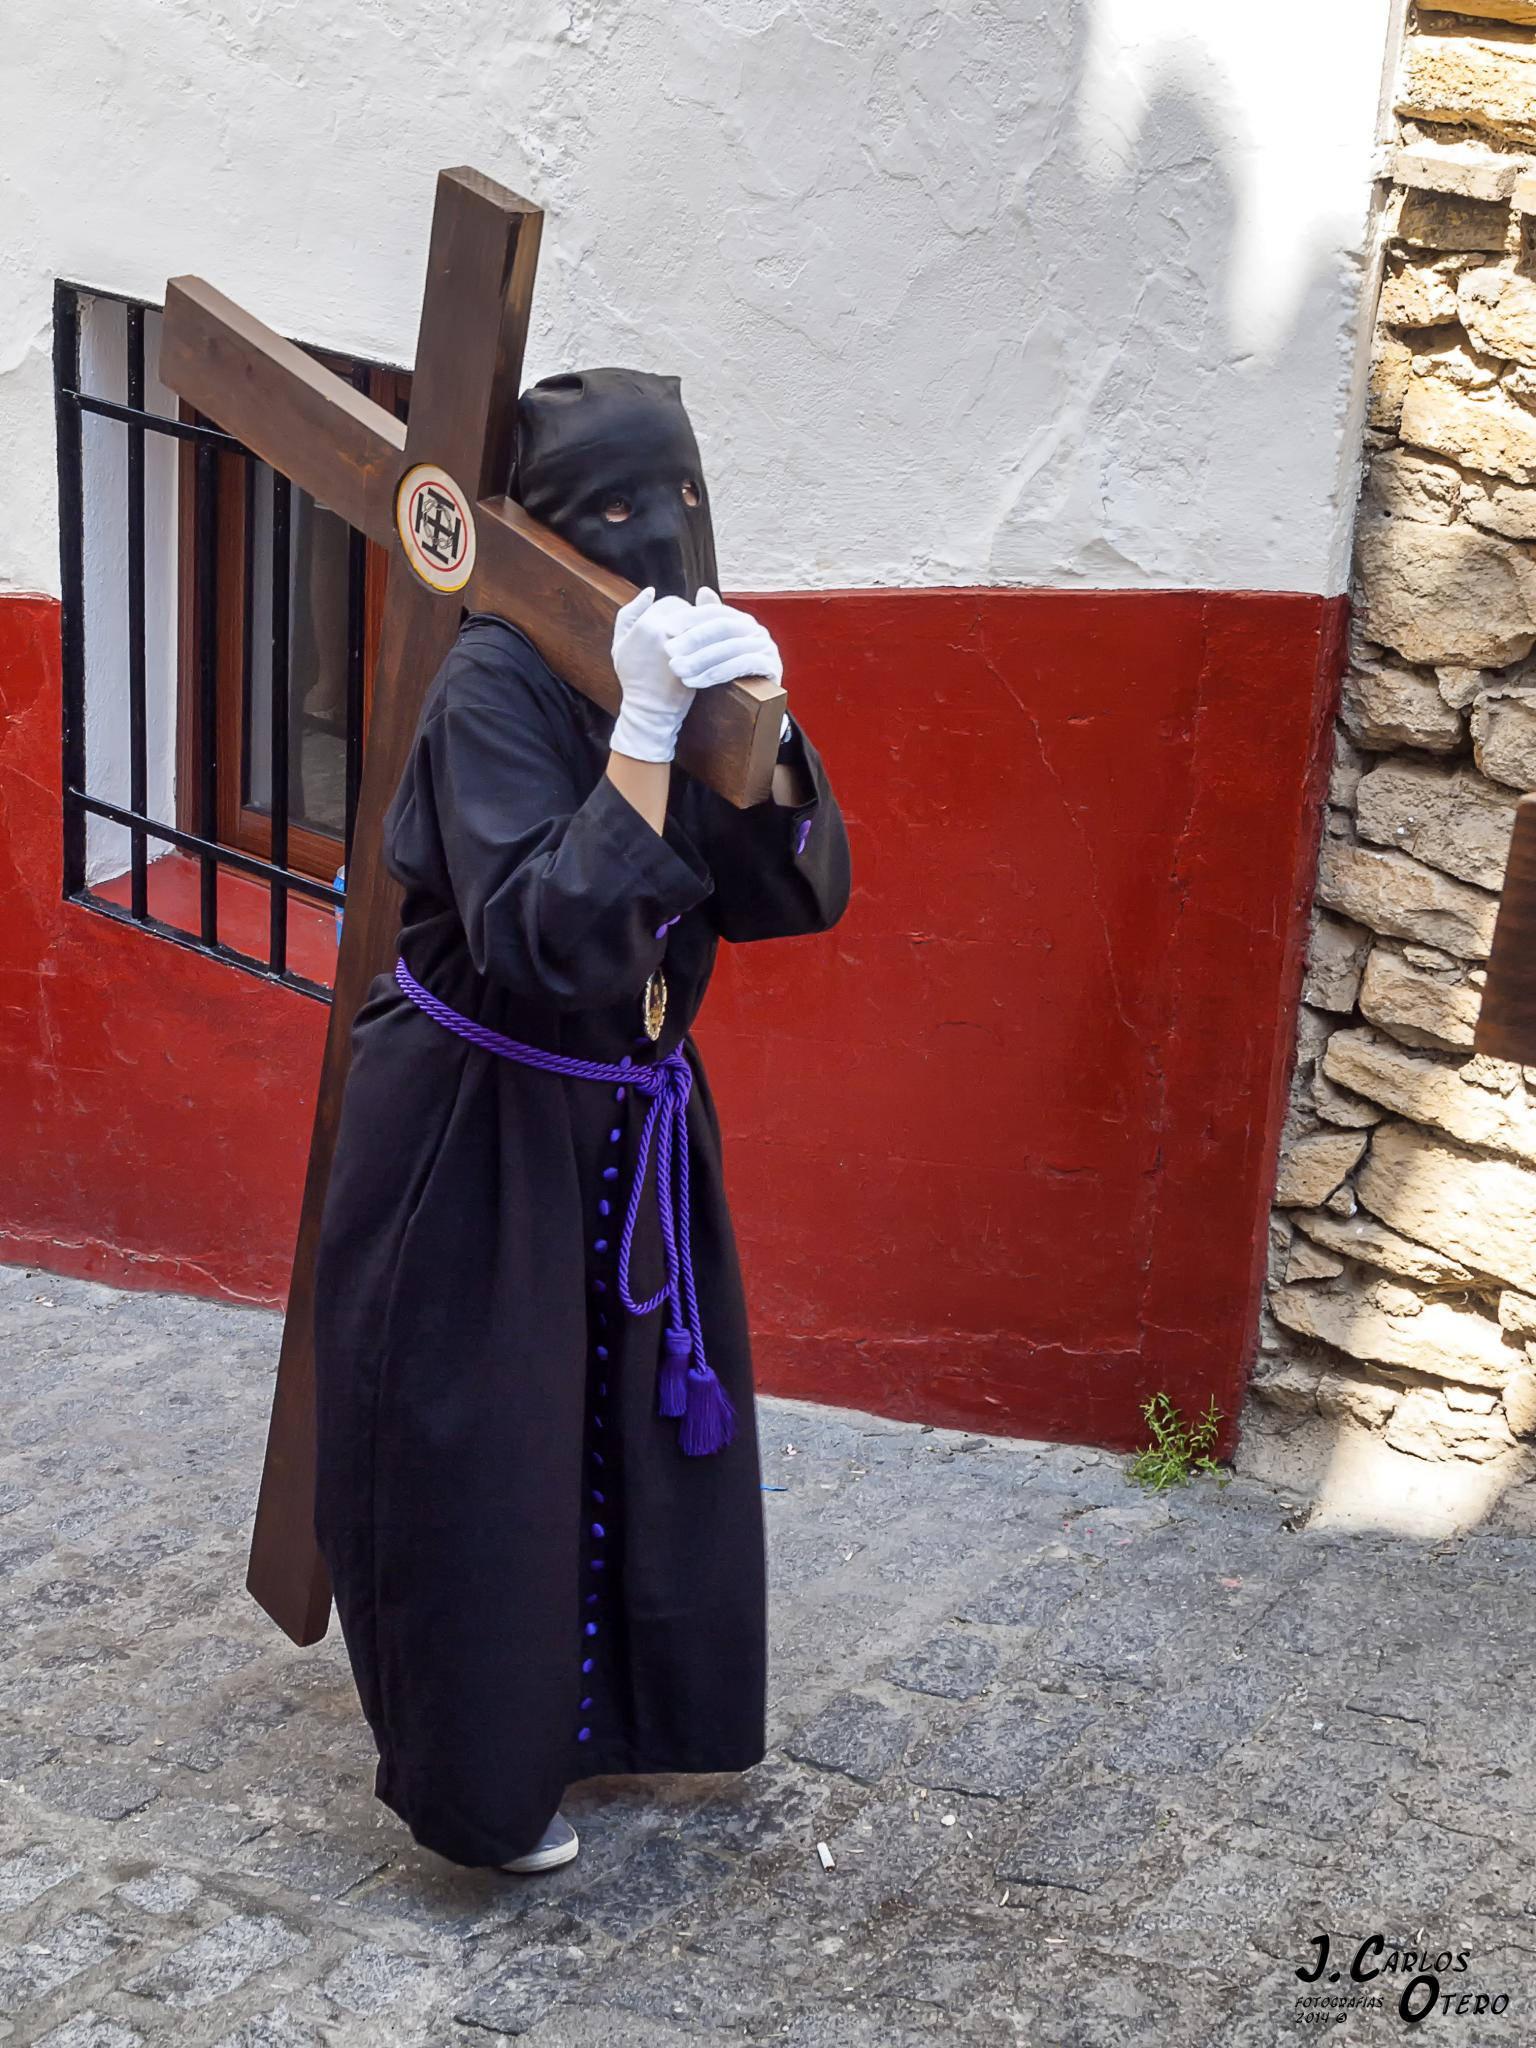 Las penitencias, antes de entrar en la Plaza de Andalucía. Foto: JUAN CARLOS OTERO